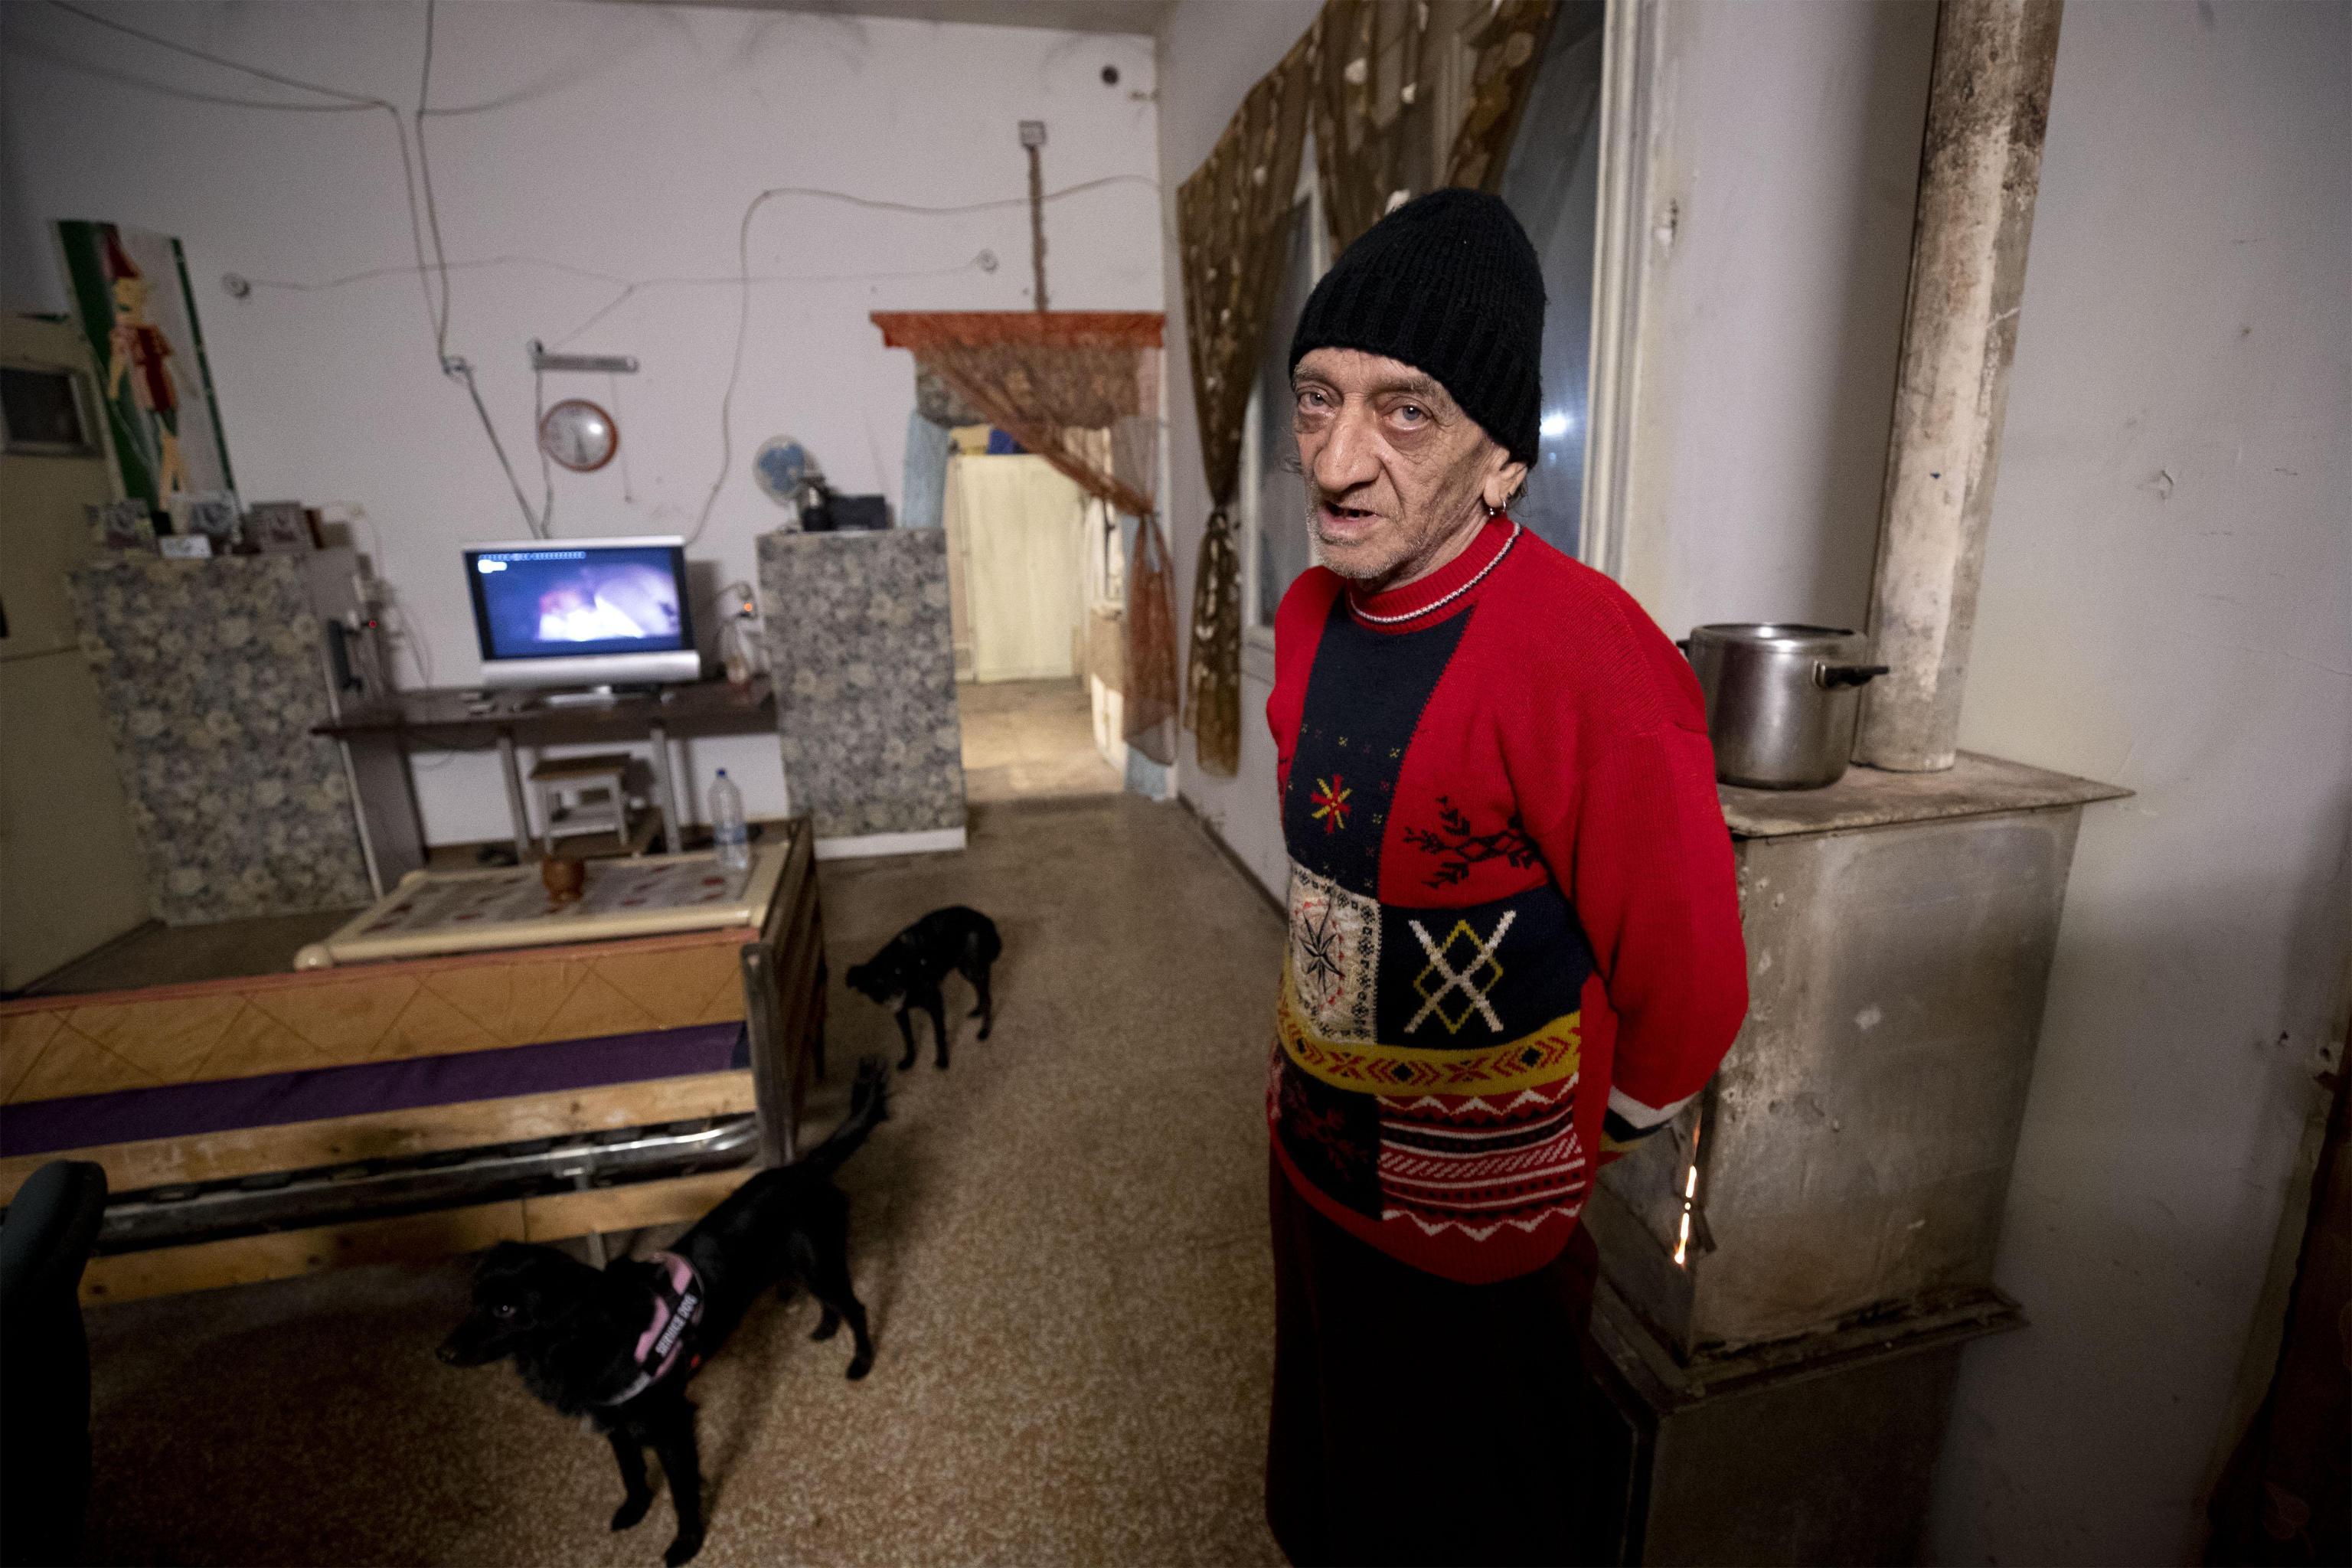 Franco, l'uomo che abitava nello stabile sgomberato oggi in via Tiburtina a Roma